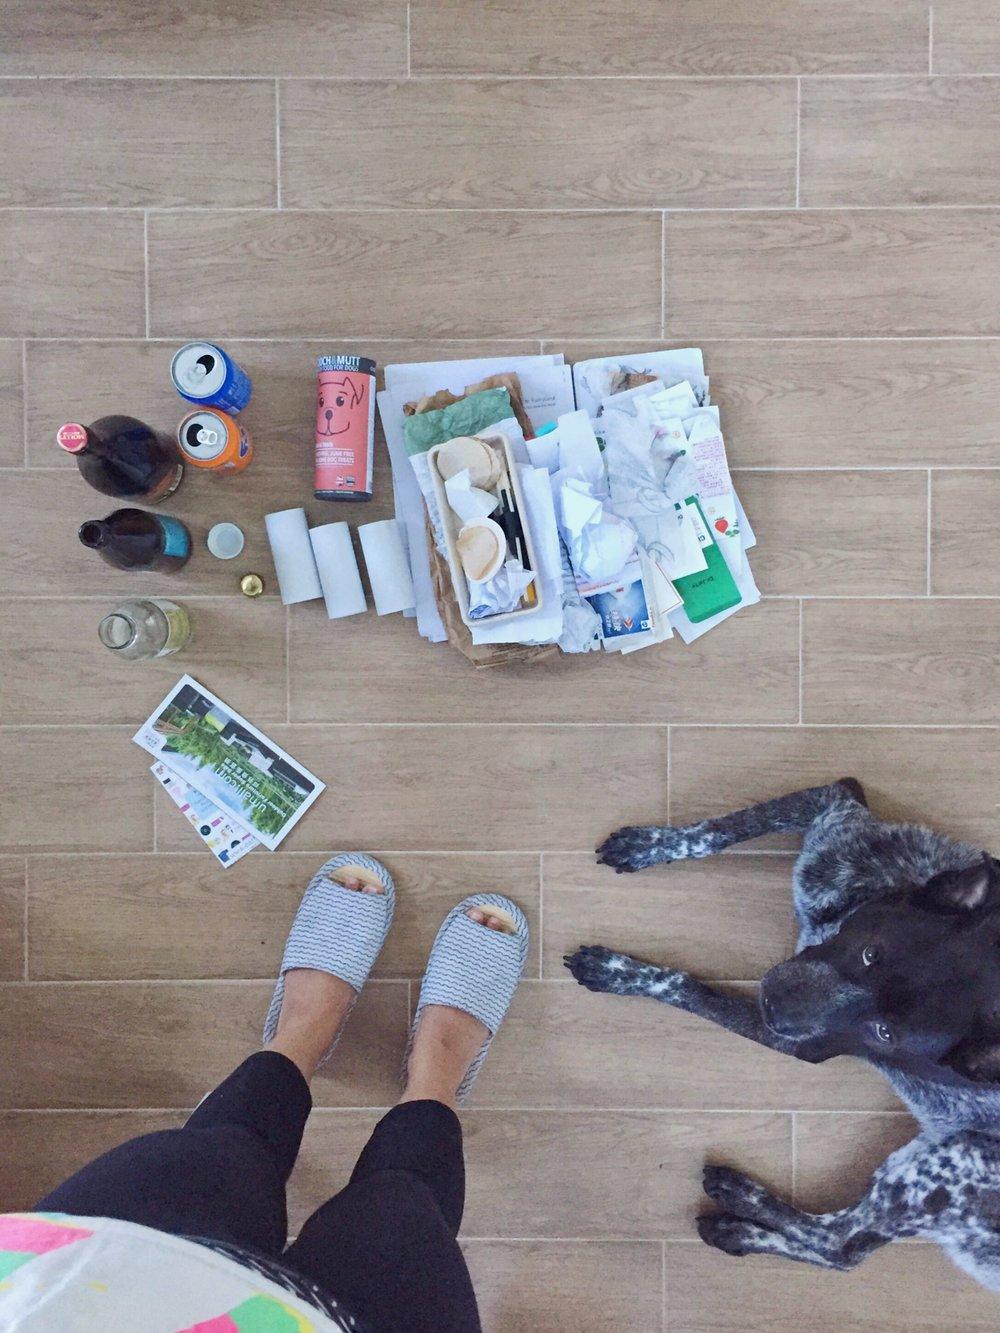 Non-plastics, recycled.